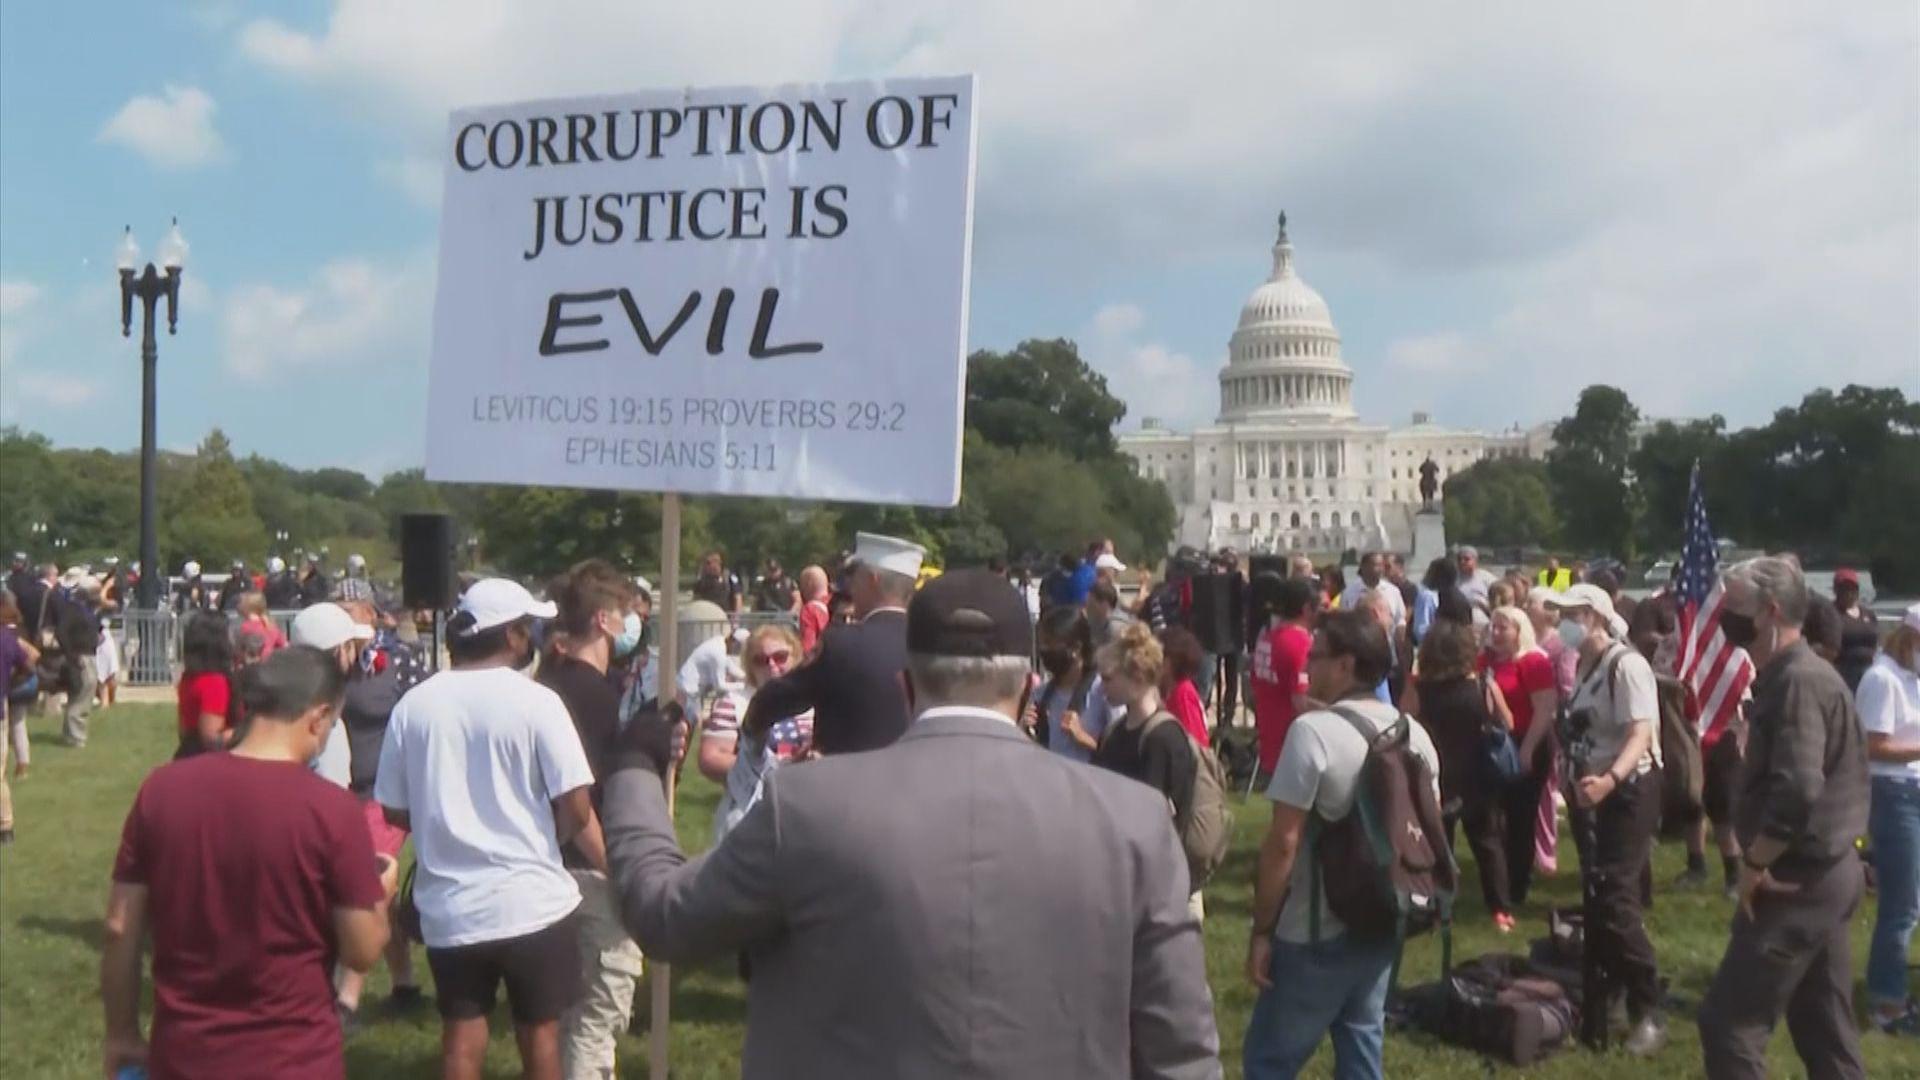 華盛頓有民眾集會聲援一月衝擊國會事件被捕者